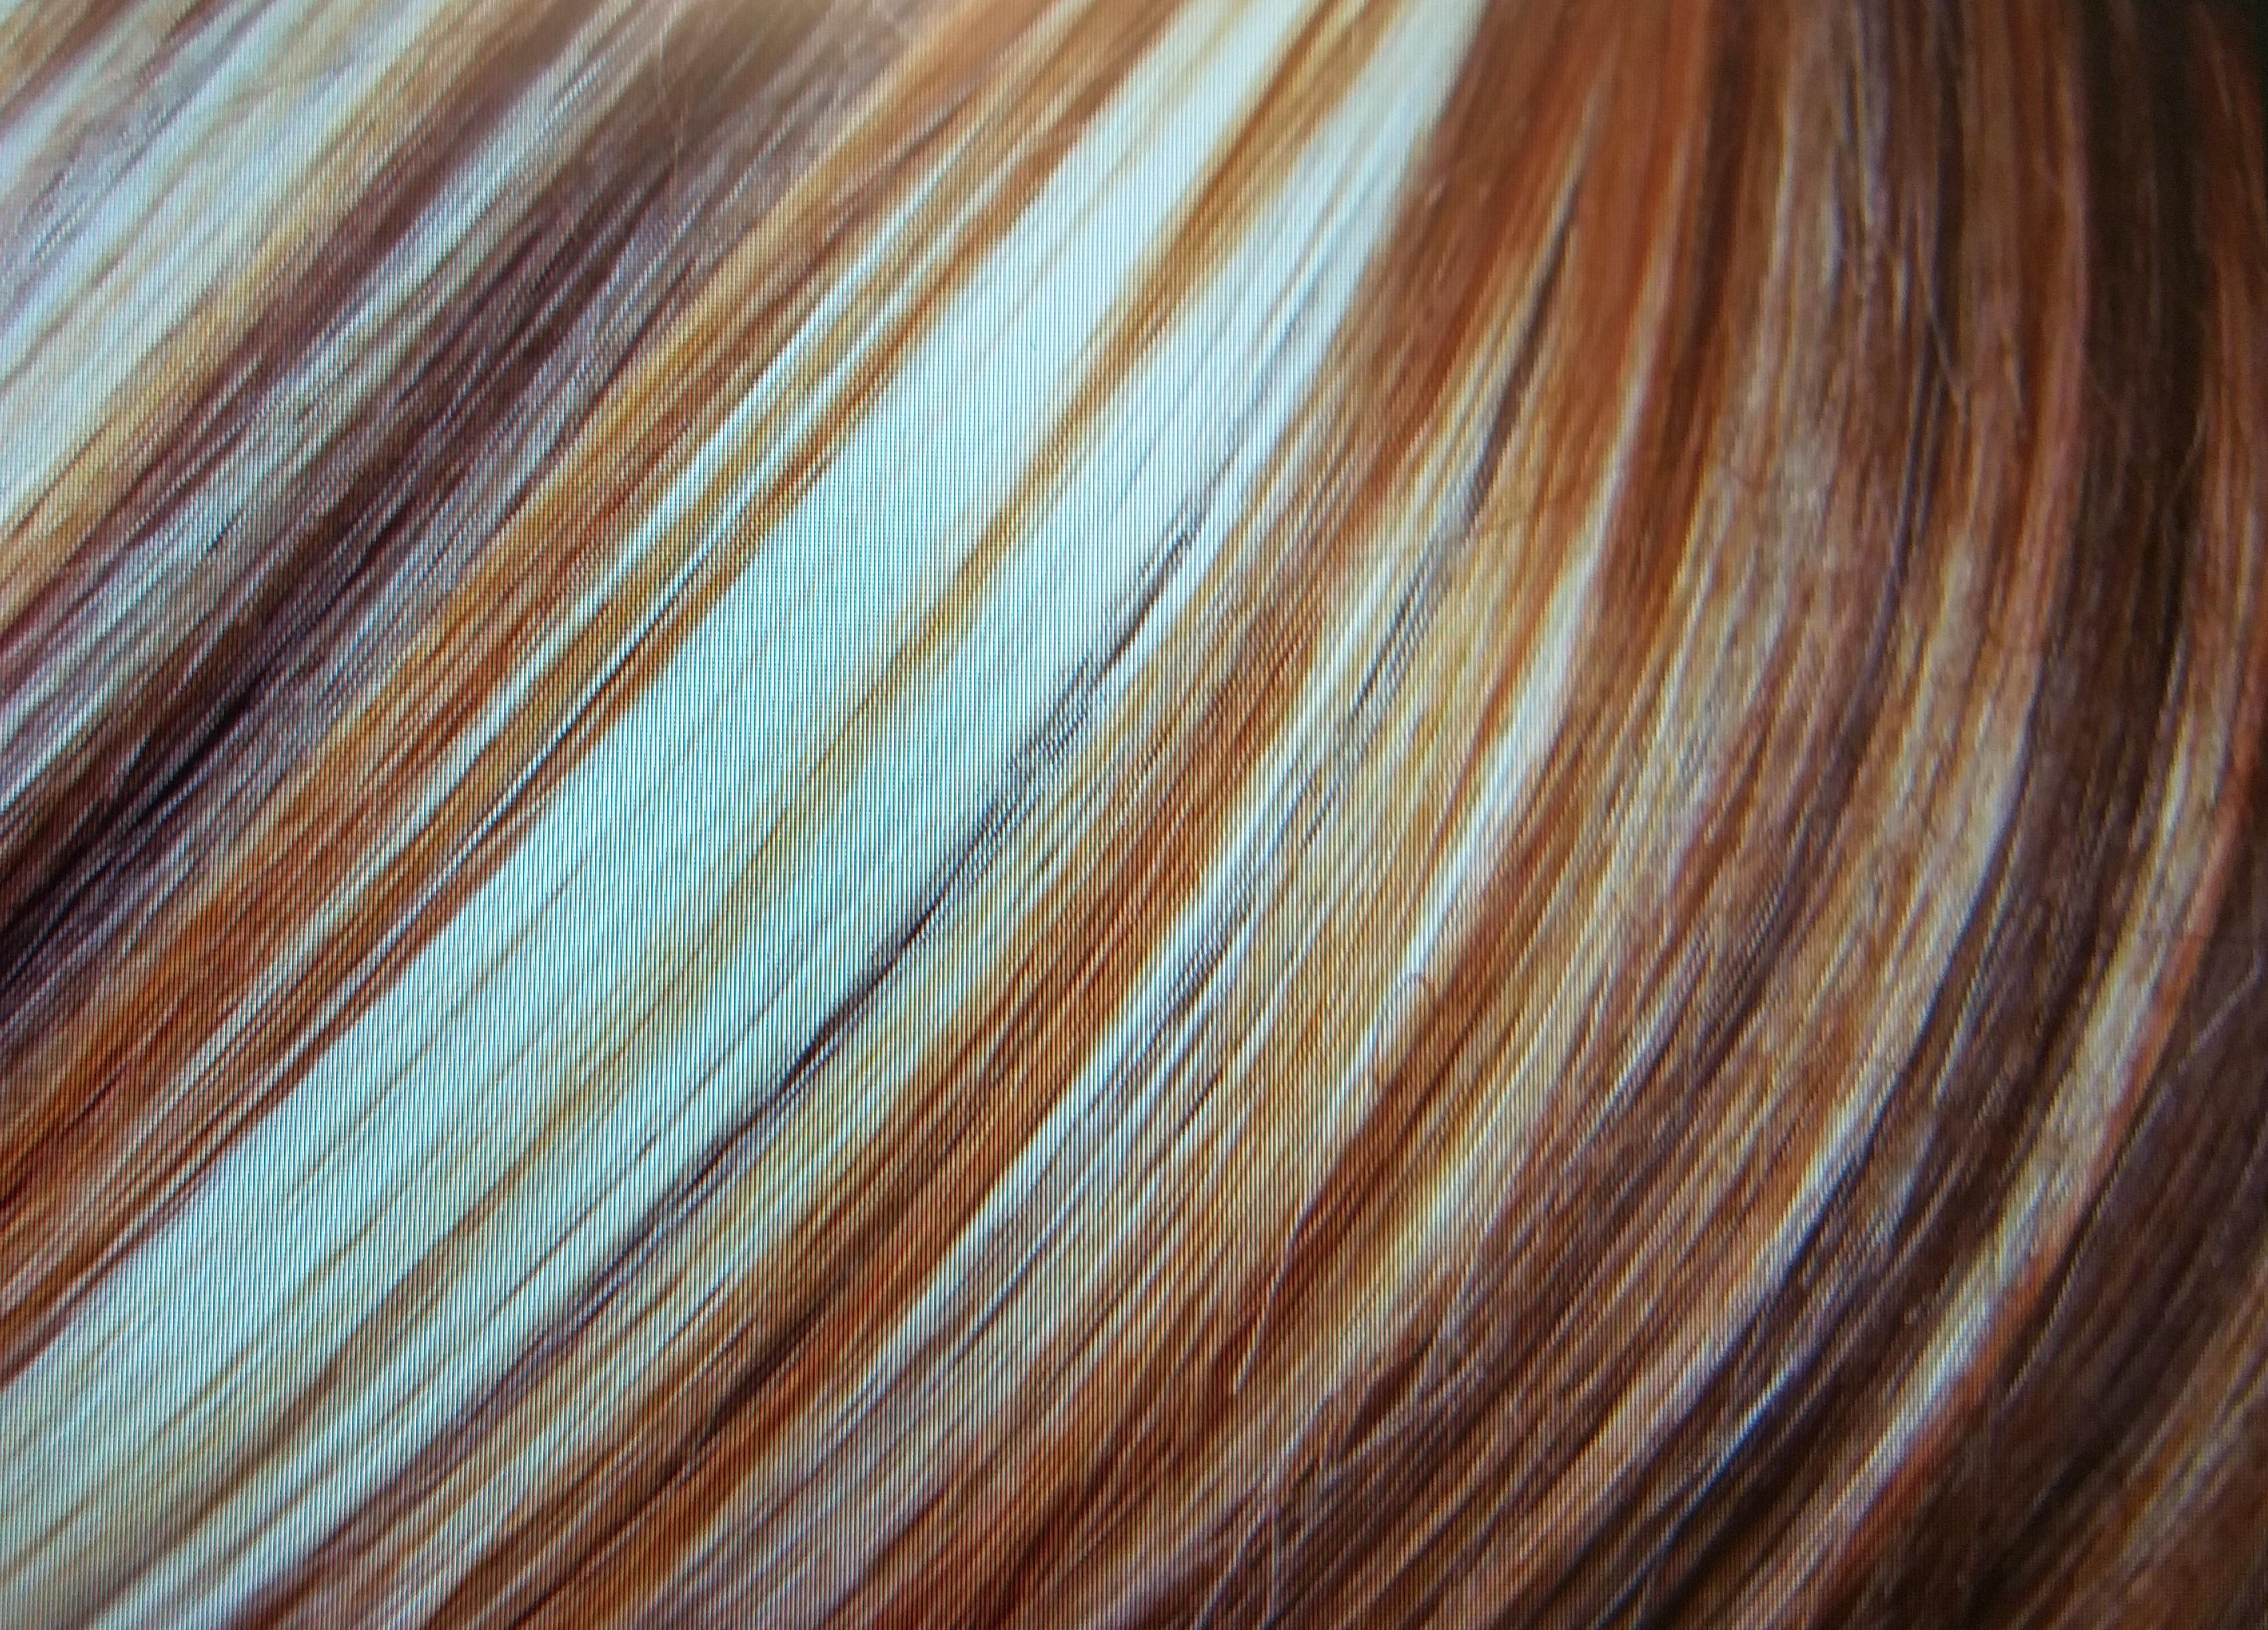 Langhaardesign, Colorationstechniken am Haar